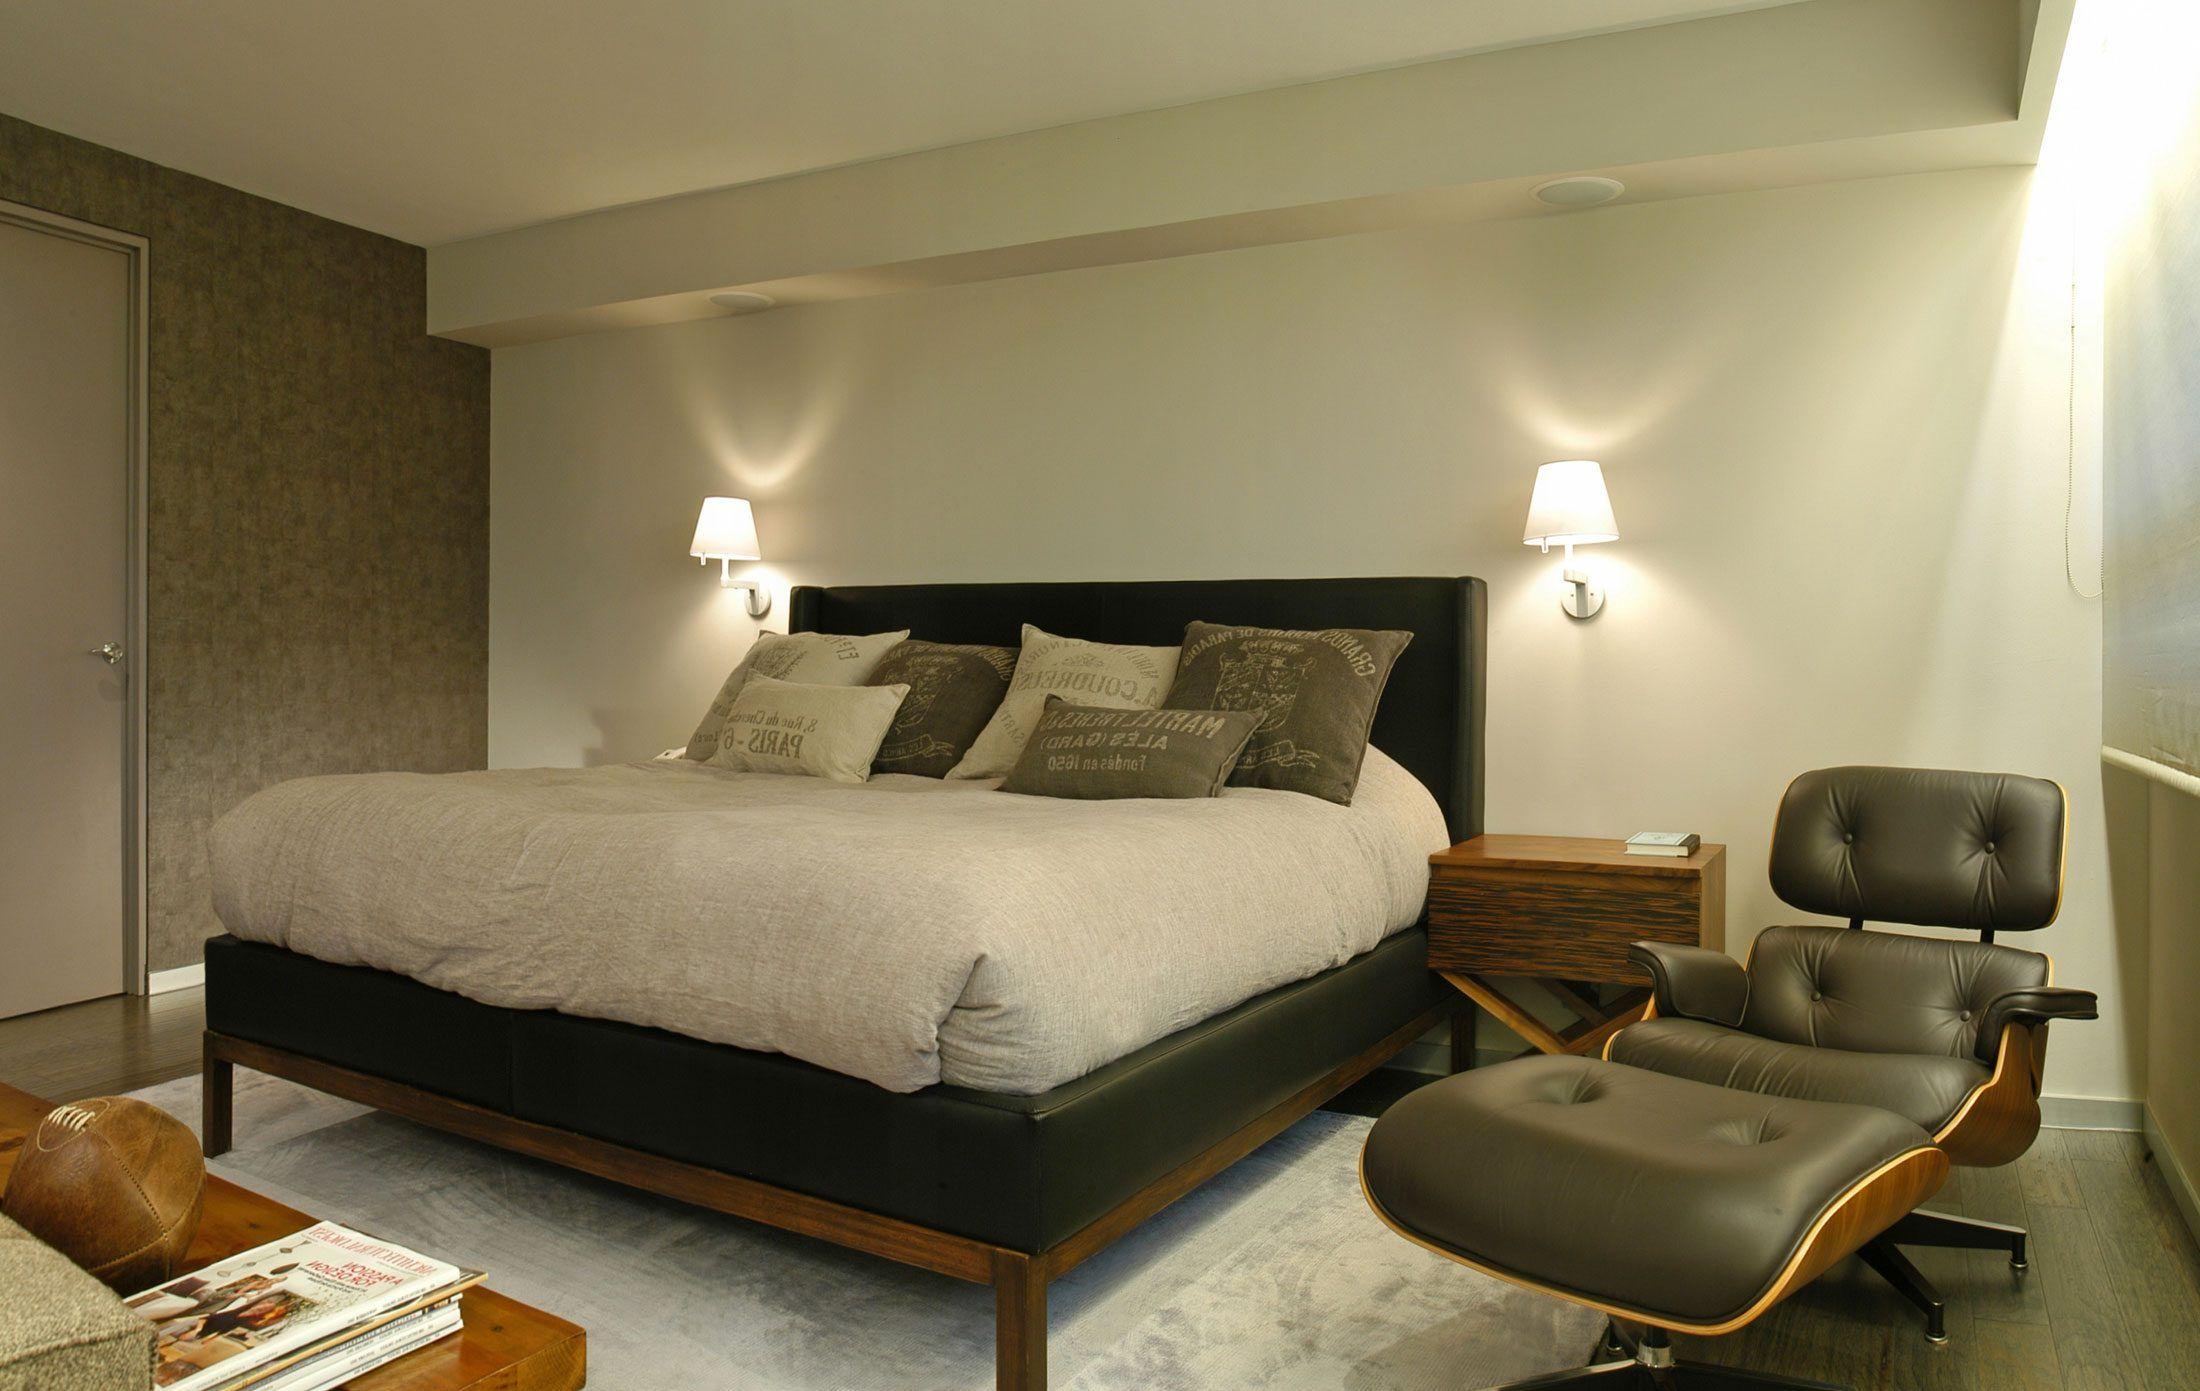 Schlafzimmer Bett Lampen